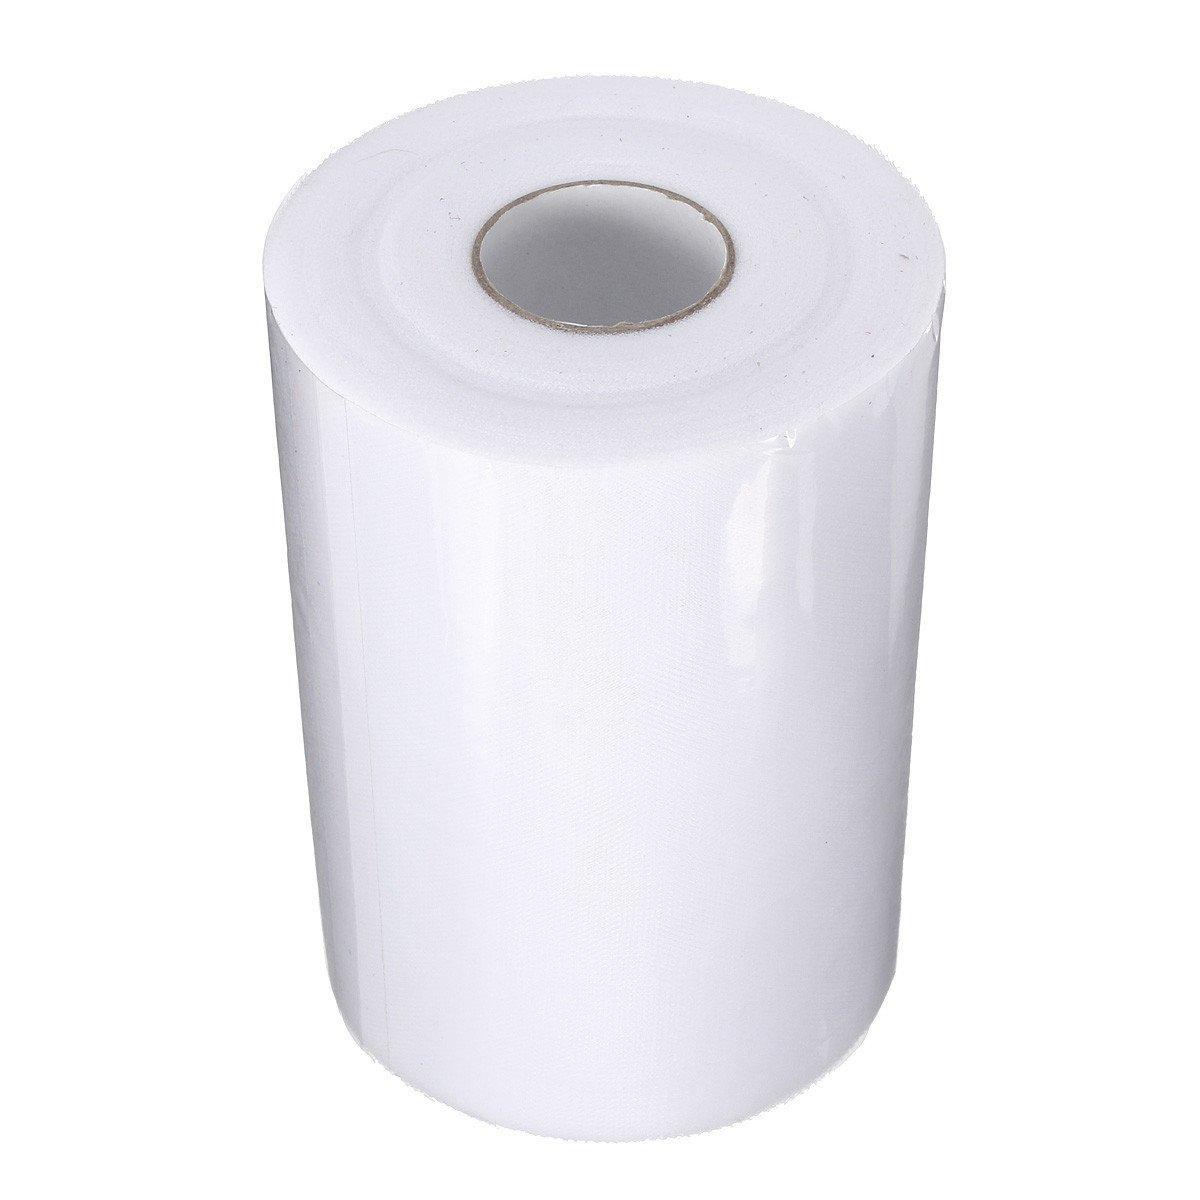 """UESH! لينة 6 """"x100yd تول رول بكرة الزفاف الحرفية الزفاف ديكور حزب 6"""" X300 """"الحليب الأبيض الجديد"""